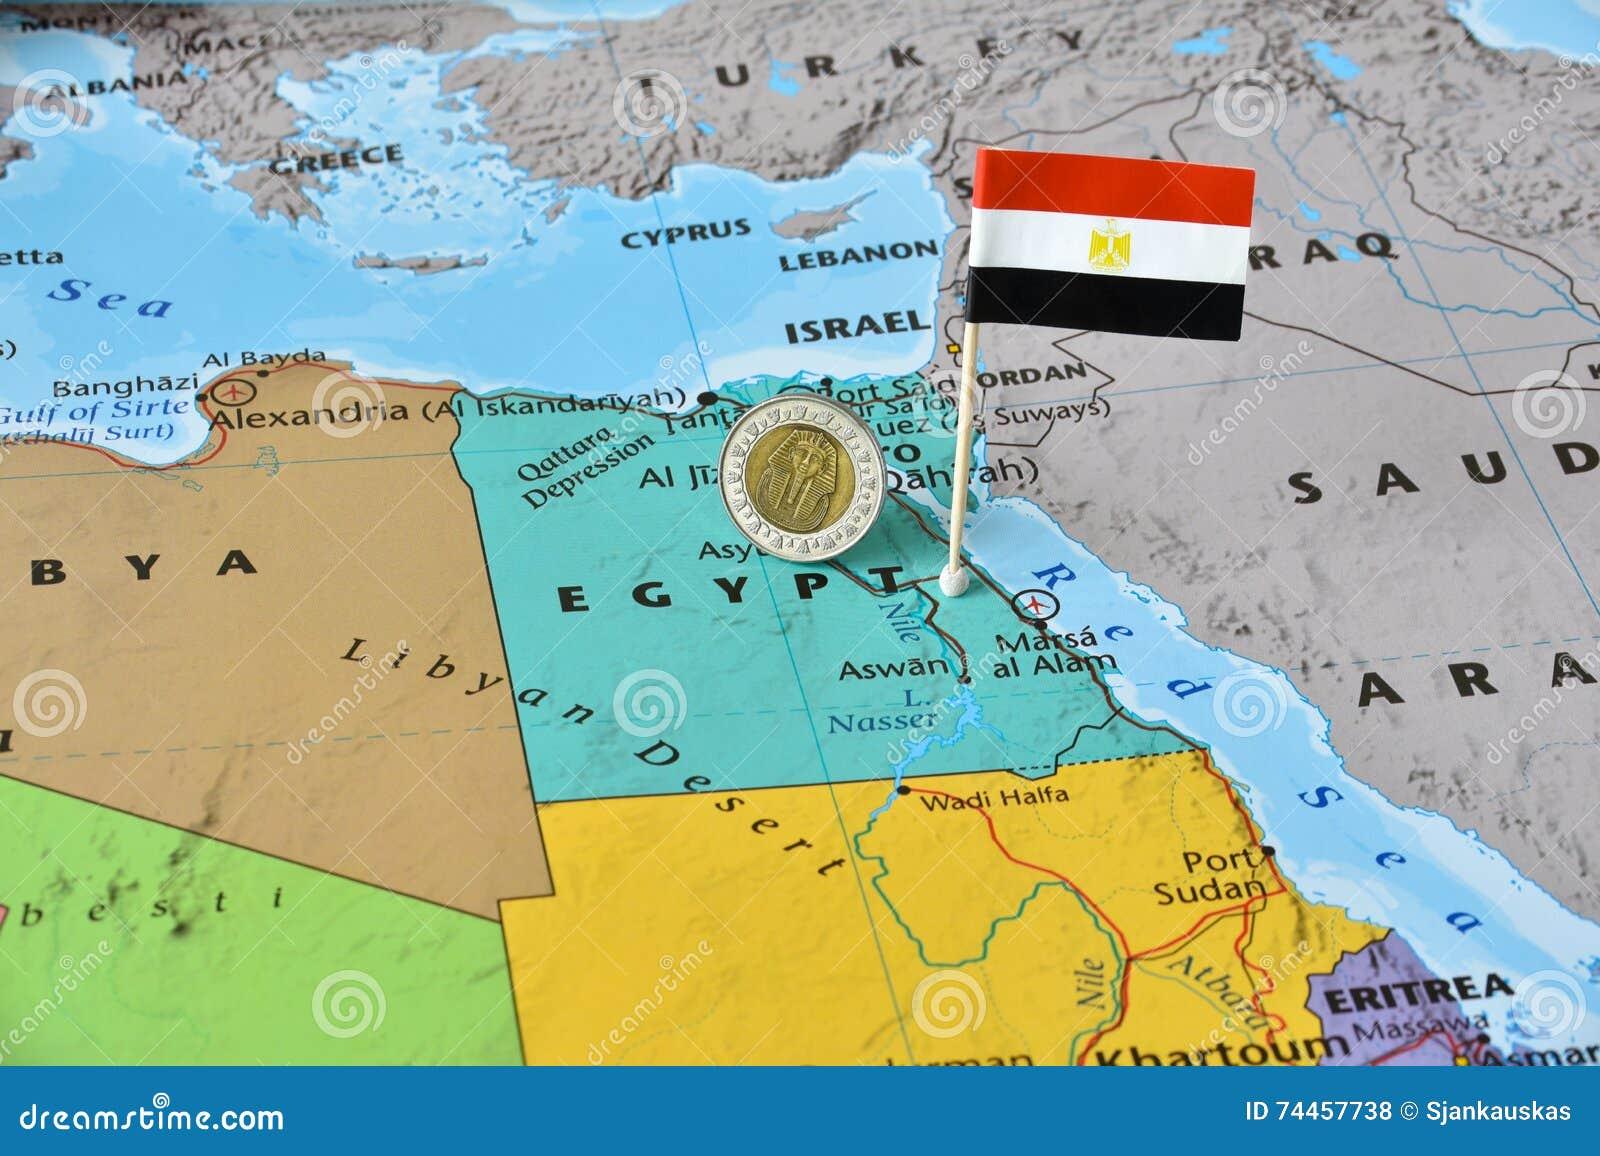 Cartina Turistica Egitto.Mappa Dell Egitto Della Bandiera E Della Sterlina Egiziana Fotografia Stock Immagine Di Notizie Dispersione 74457738